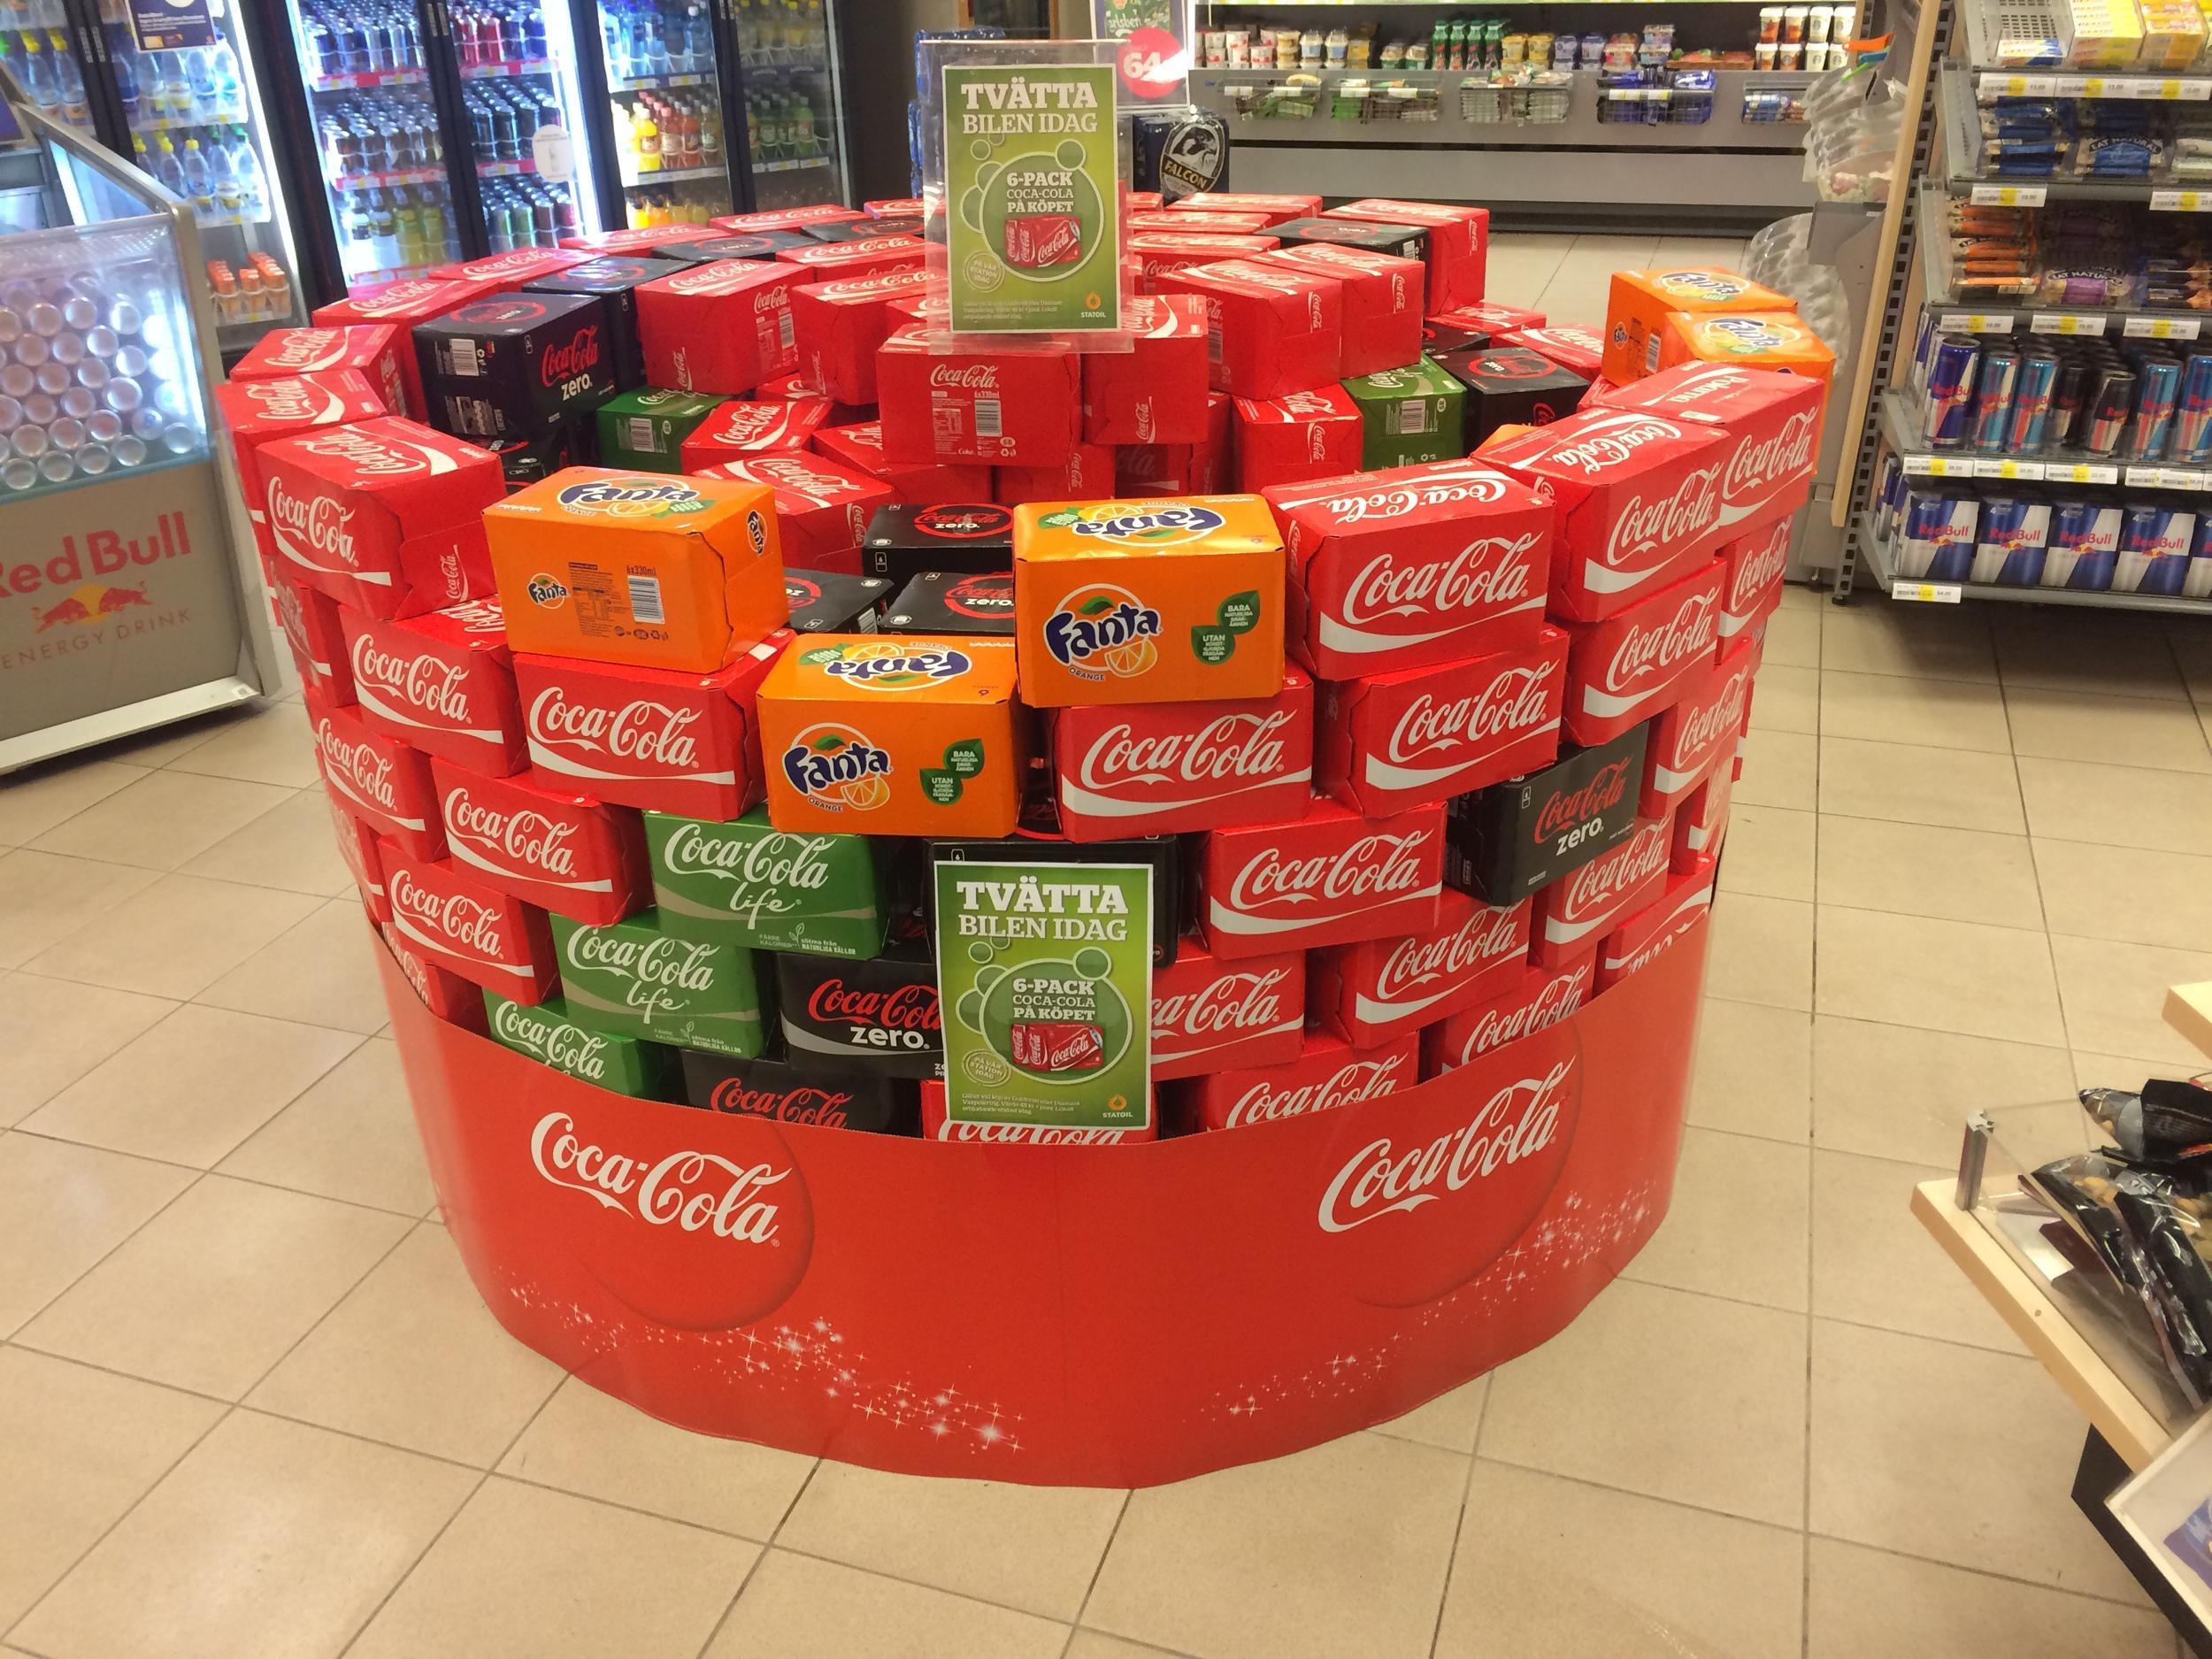 Coke-Statoil.jpg